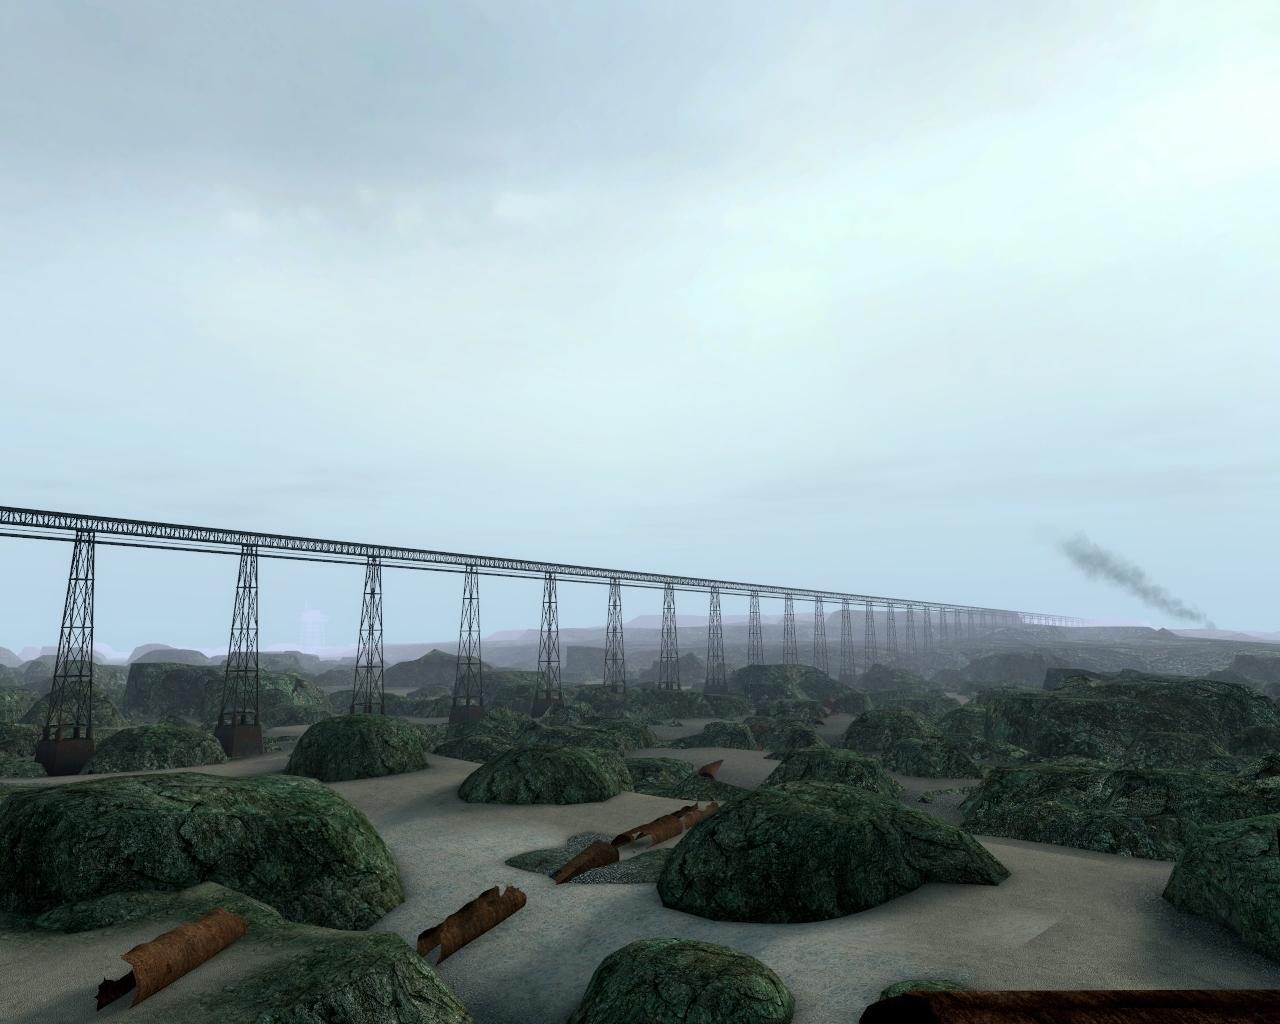 depot_010018.jpg - Half-Life 2 Depot